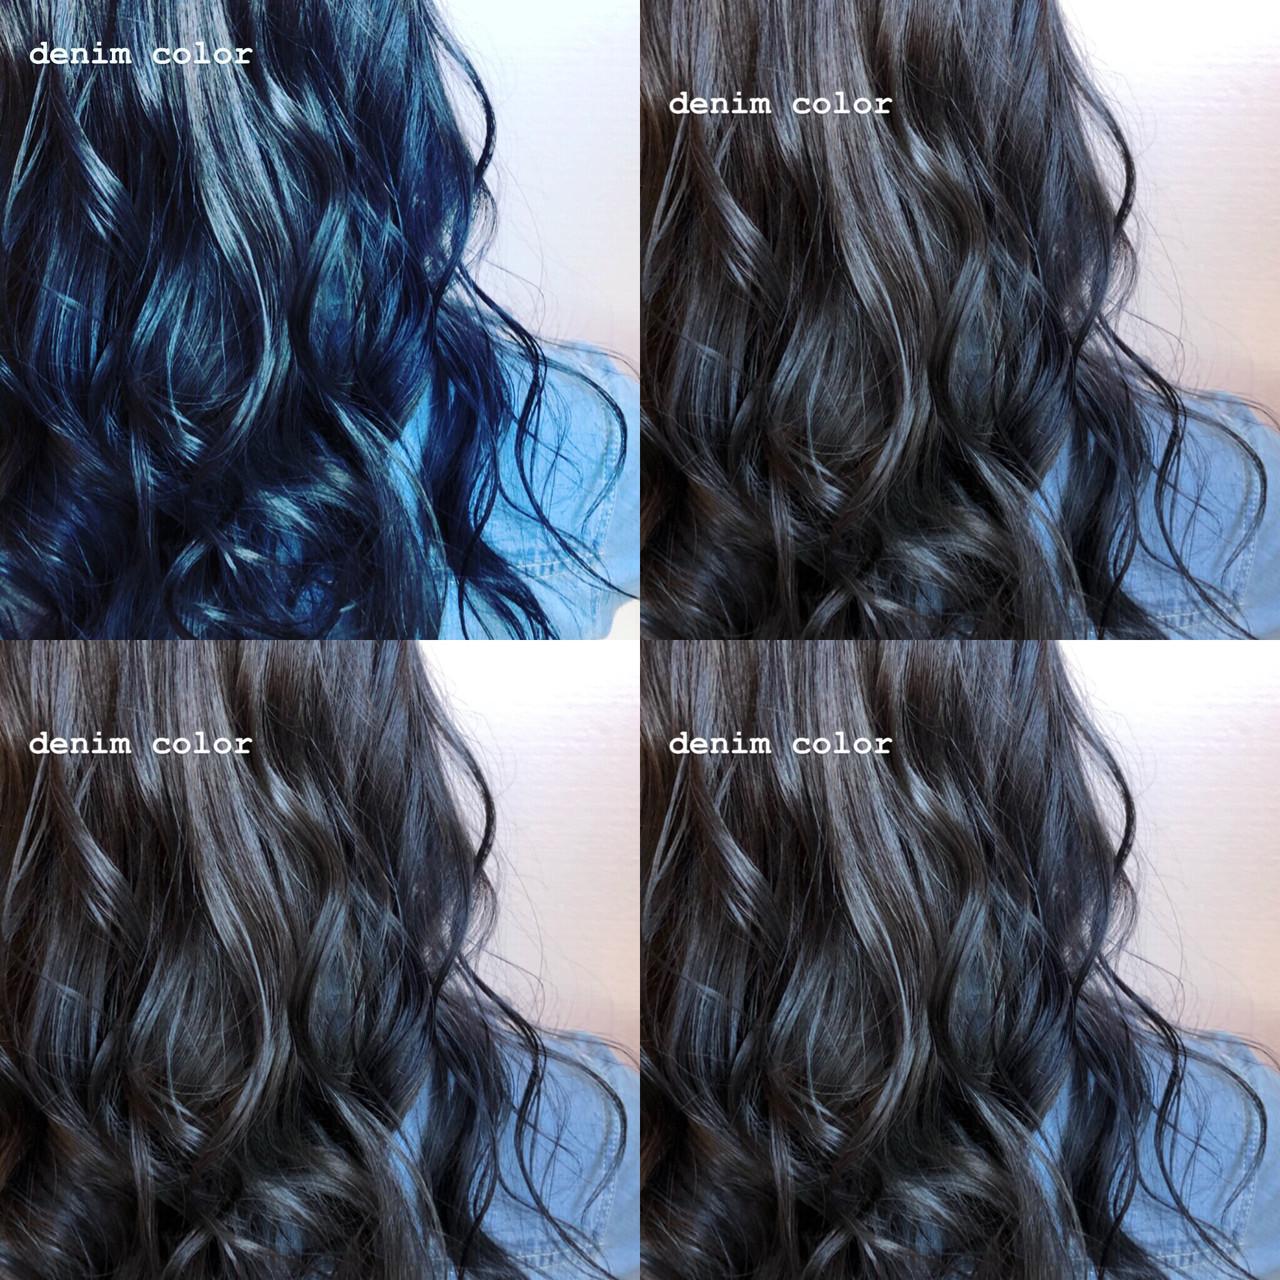 西海岸風 ロング ストリート ネイビーカラー ヘアスタイルや髪型の写真・画像   TMe hair/tomoe chiba / TMe hair川崎小田